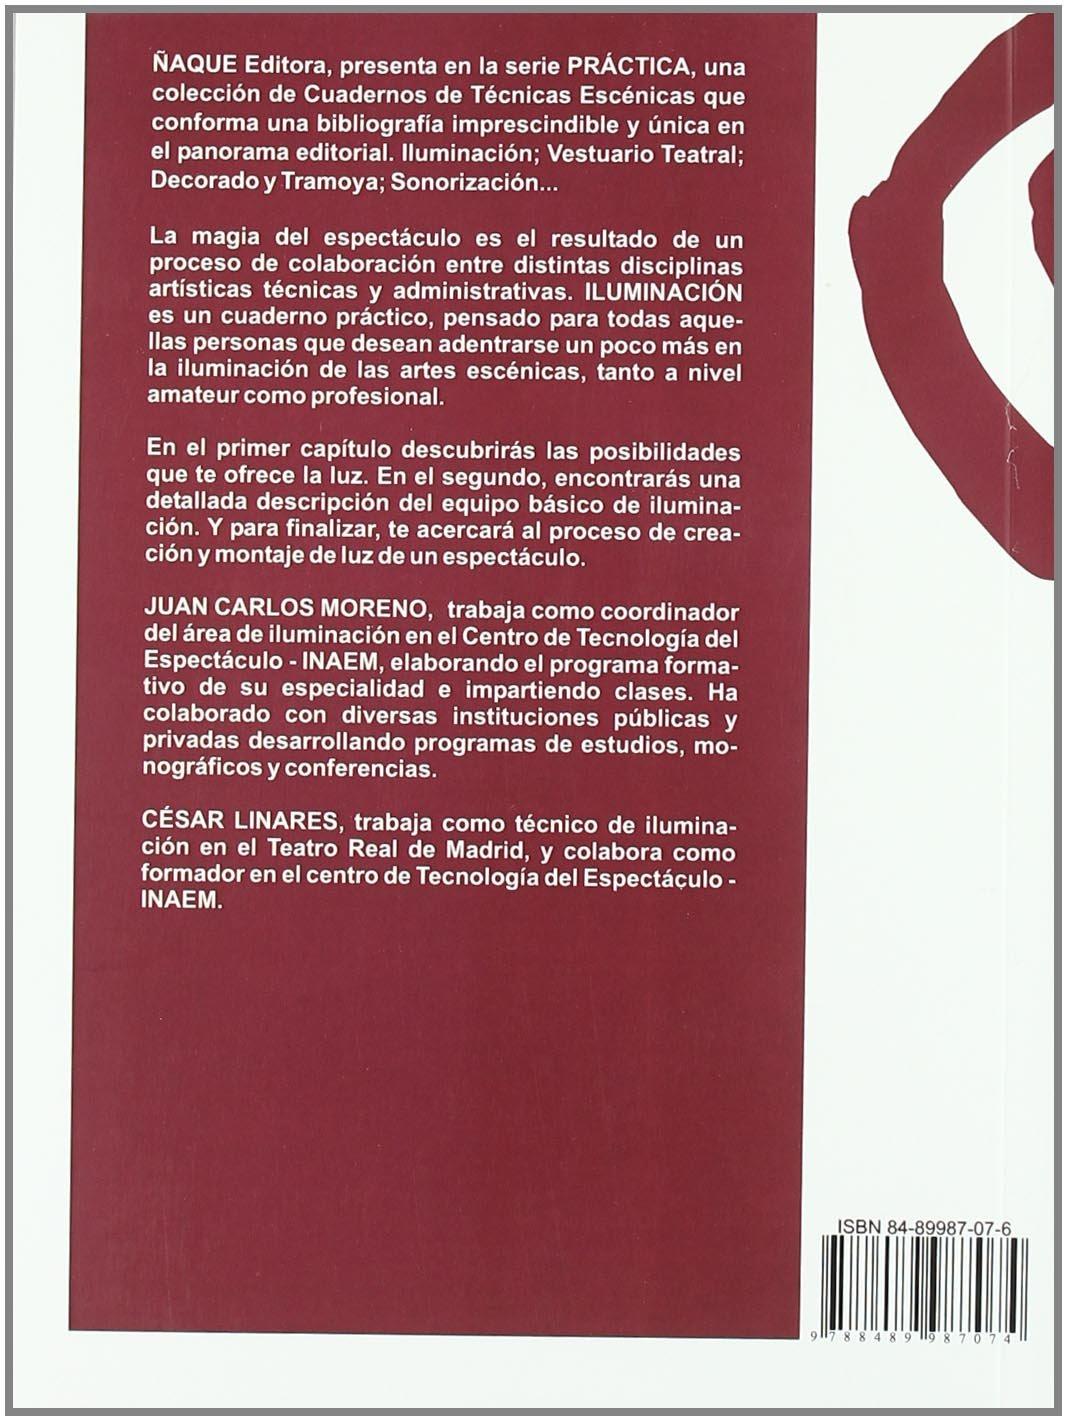 Iluminacion - Cuaderno De Tecnicas Escenicas: Amazon.es: Moreno ...